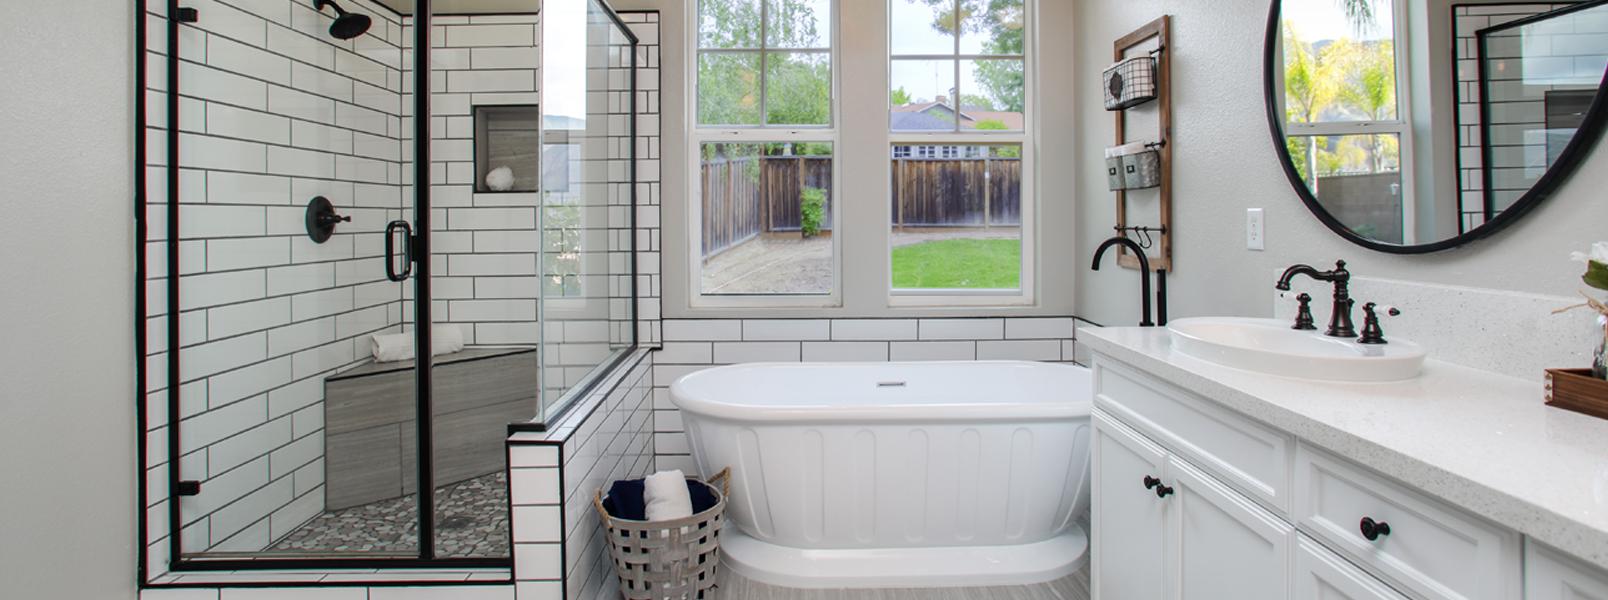 Plomberie Salle De Bain Sous Sol quel est le prix d'une rénovation de salle de bain en 2020?